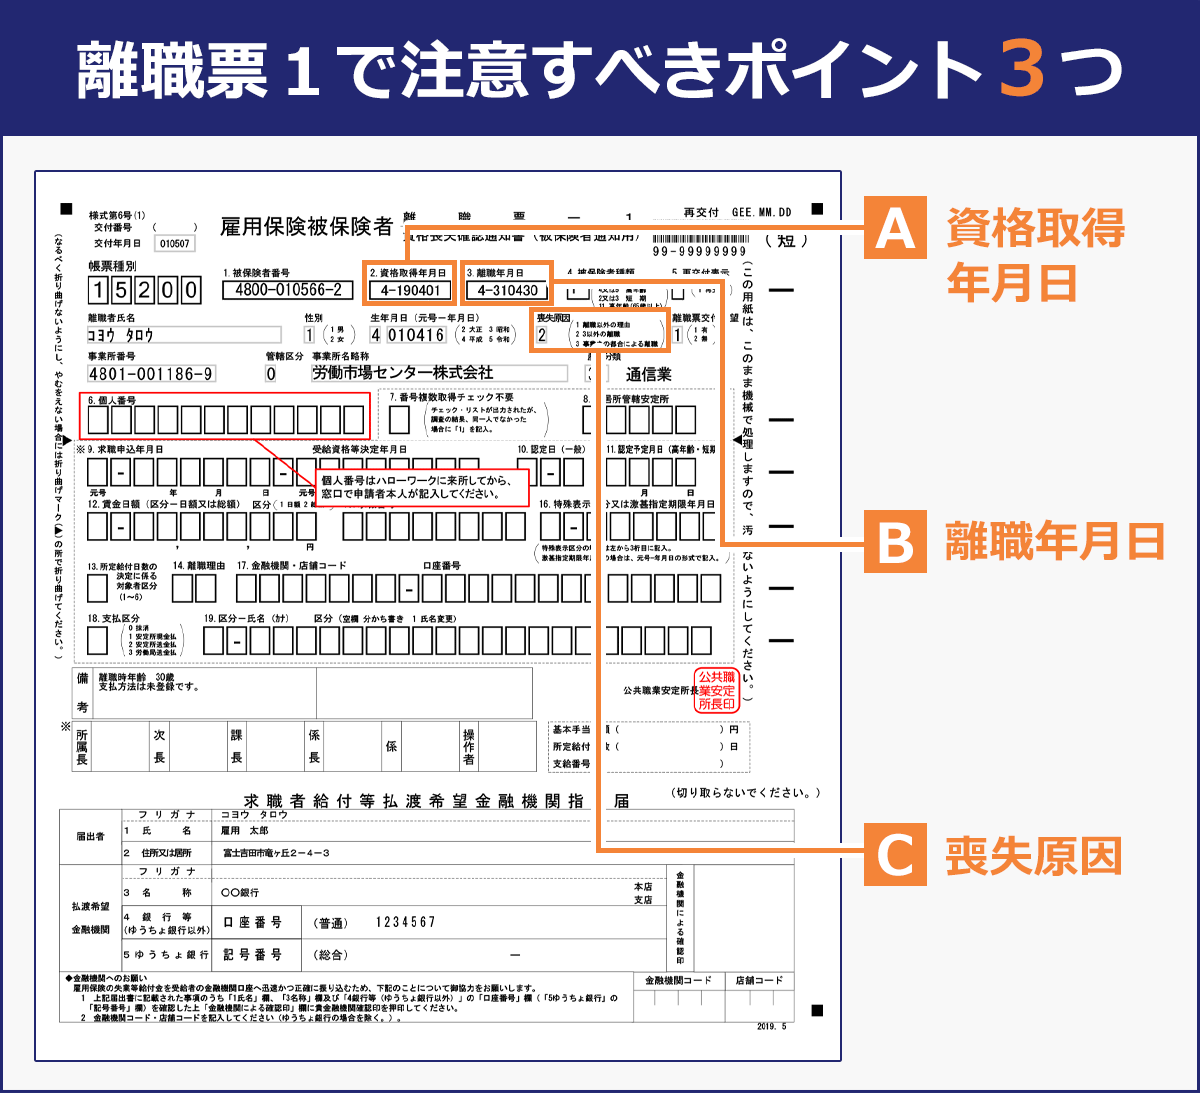 【離職票1で注意すべきポイント3つ】(A)資格取得年月日(B)離職年月日(C)喪失原因